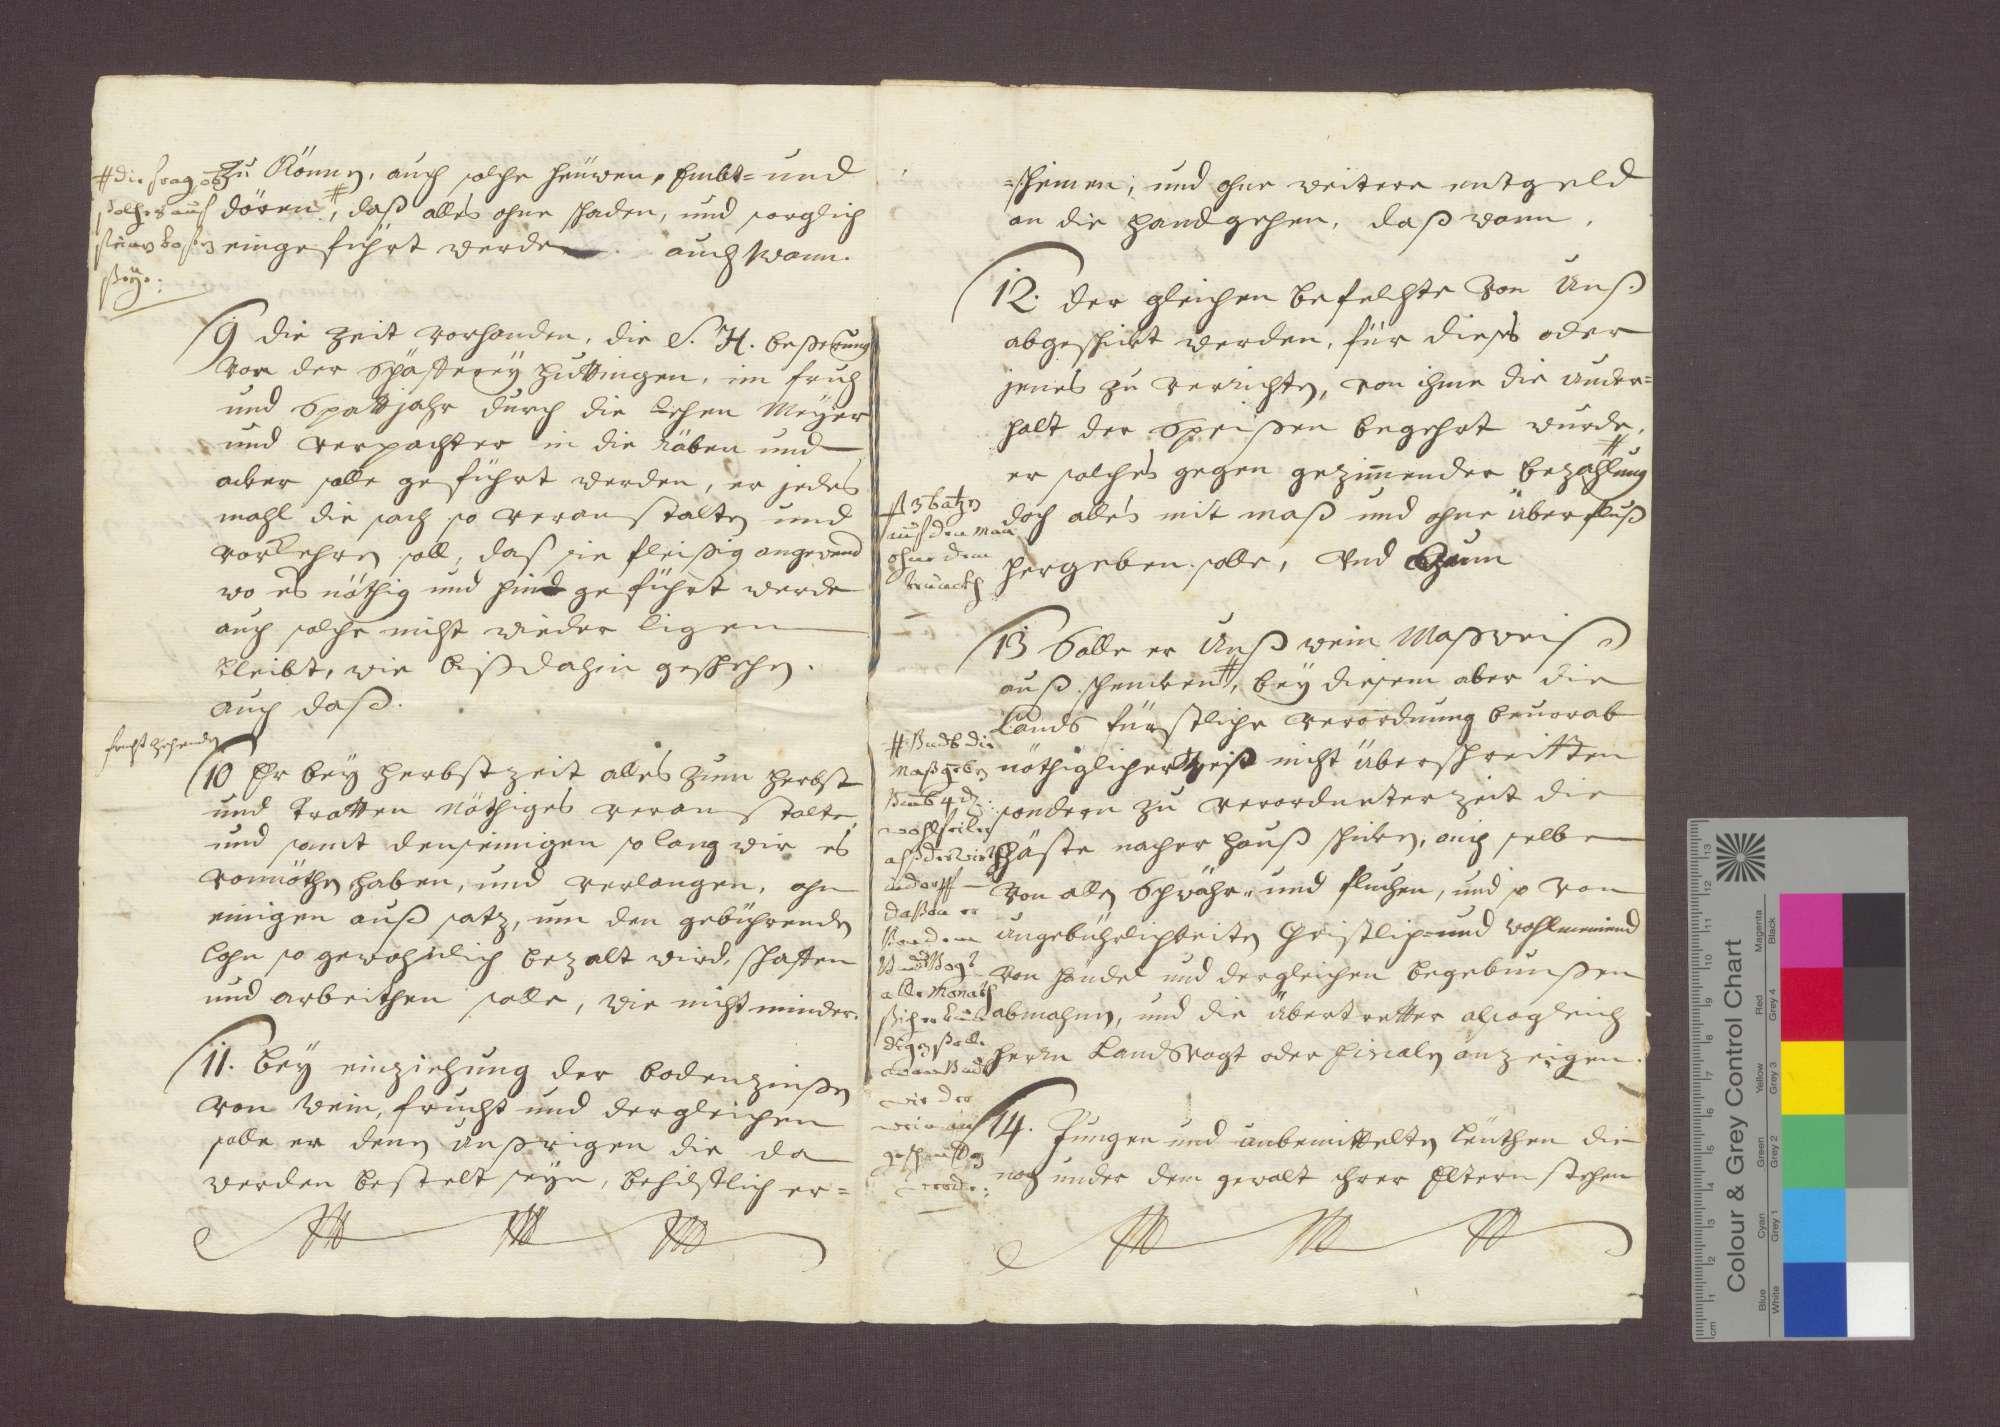 Bestallung des Friedrich Wunderlin als Meier des Basler Domkapitels in Istein., Bild 3